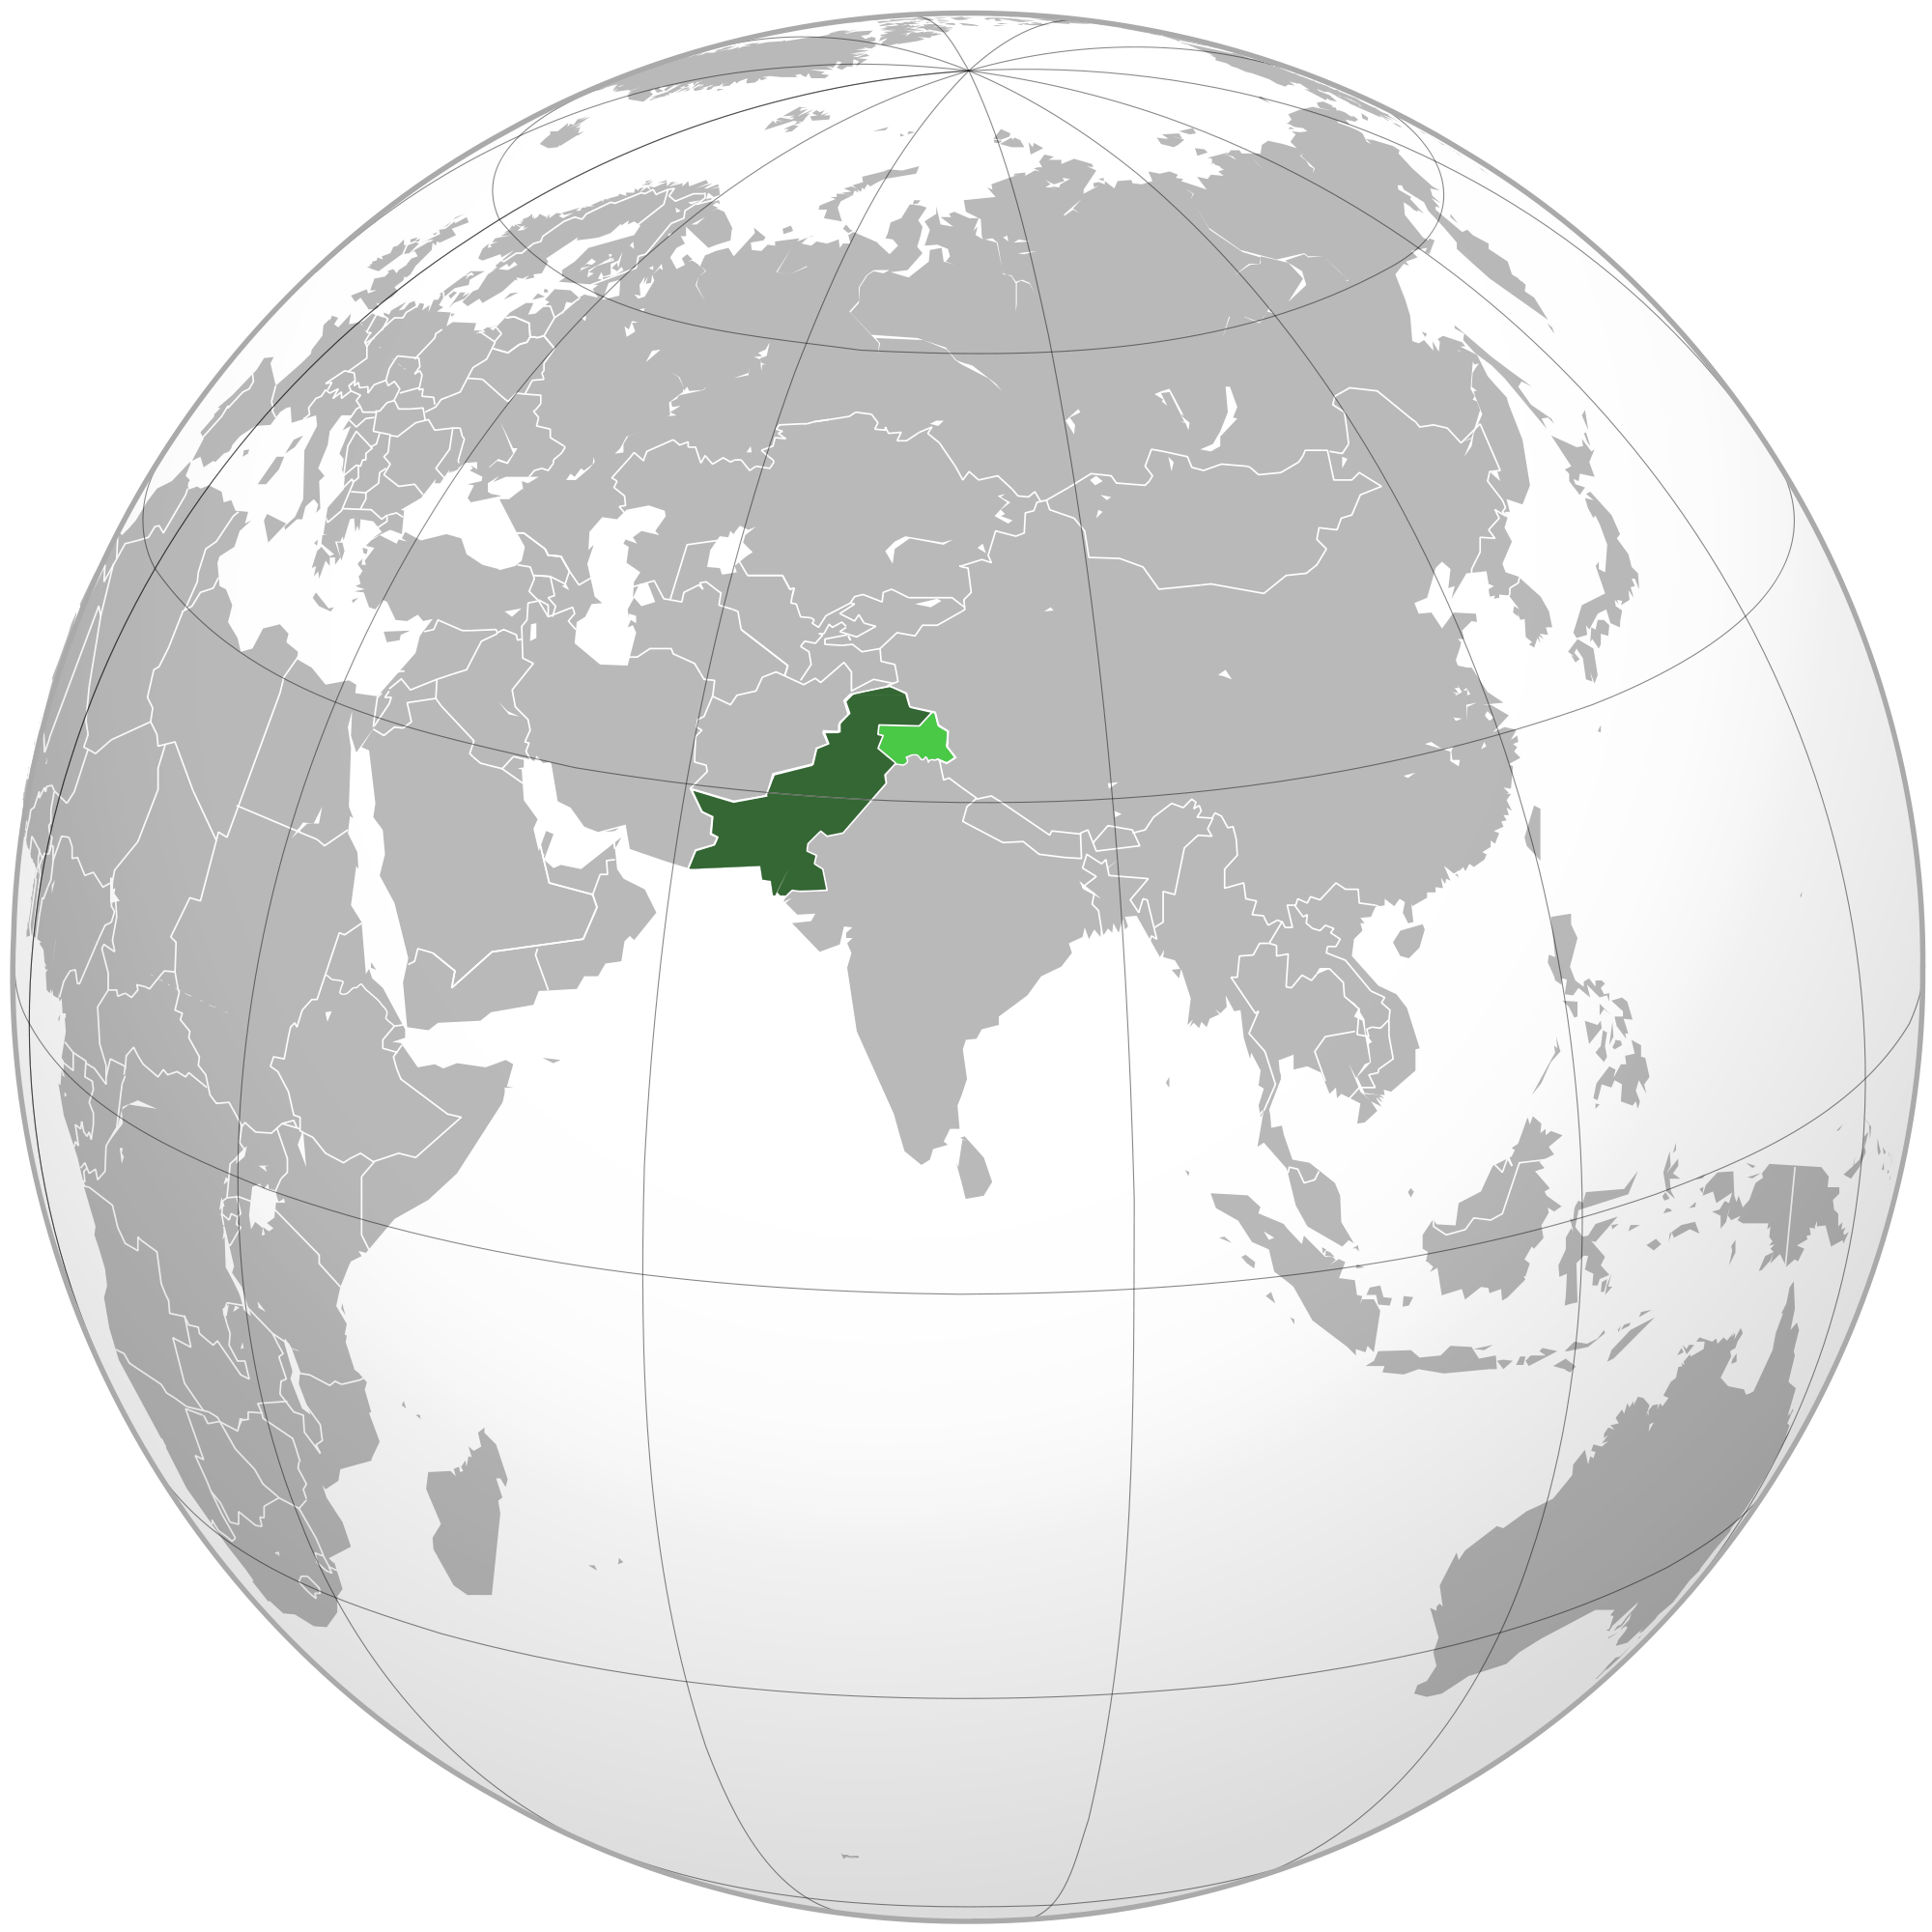 how to get diplomatic passport in pakistan